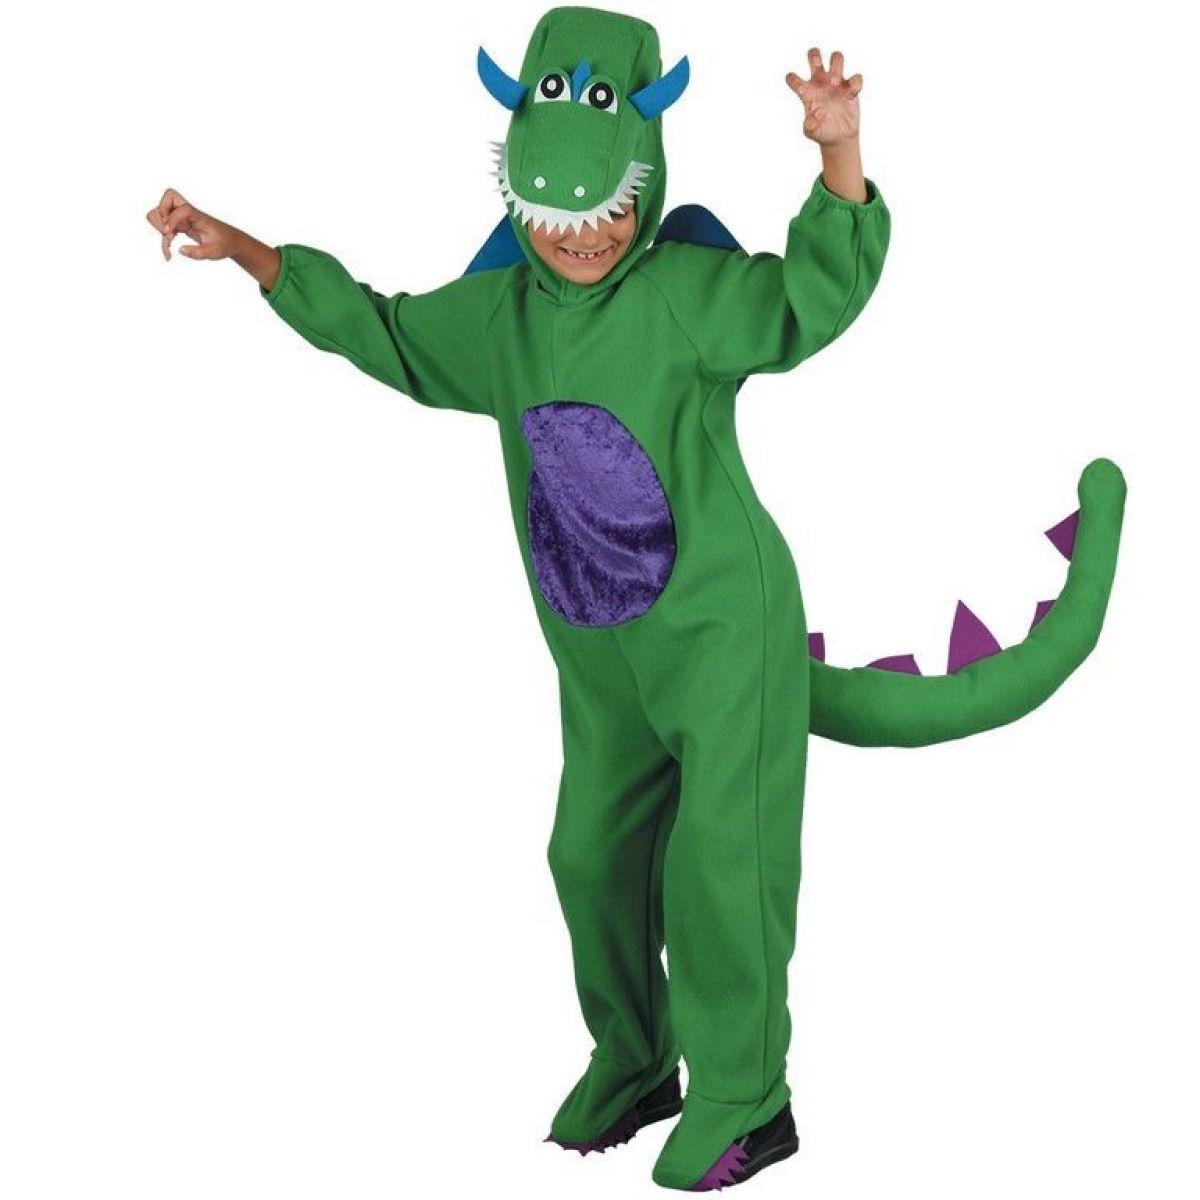 Detský kostým na karneval Dinosaurus 120 - 130 cm